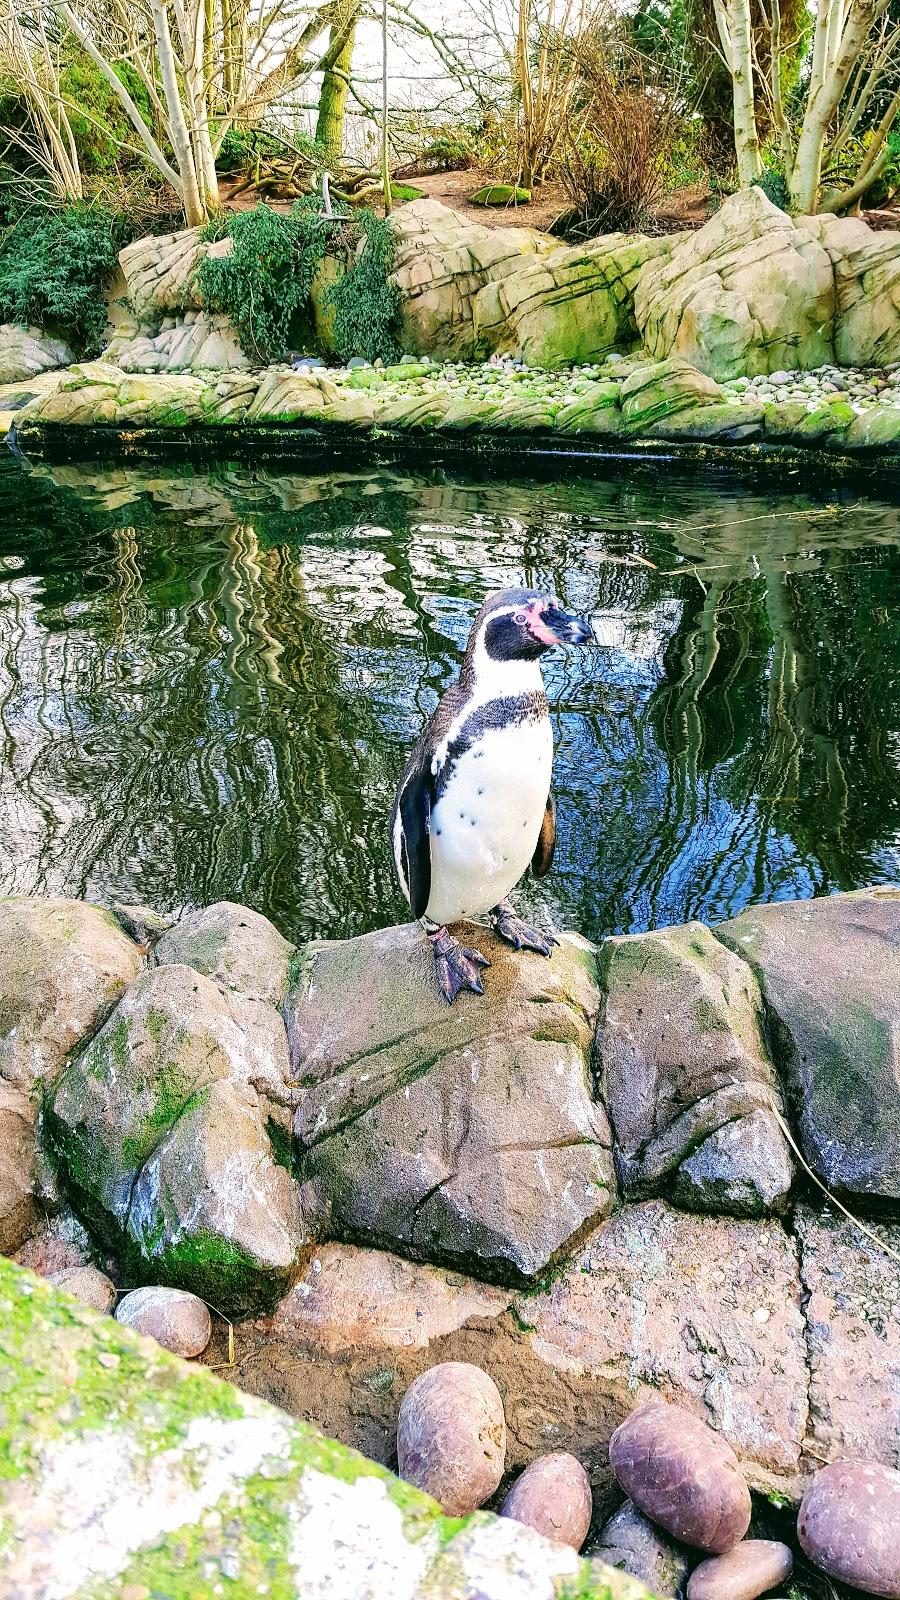 Humboldt Penguins At Twycross Zoo